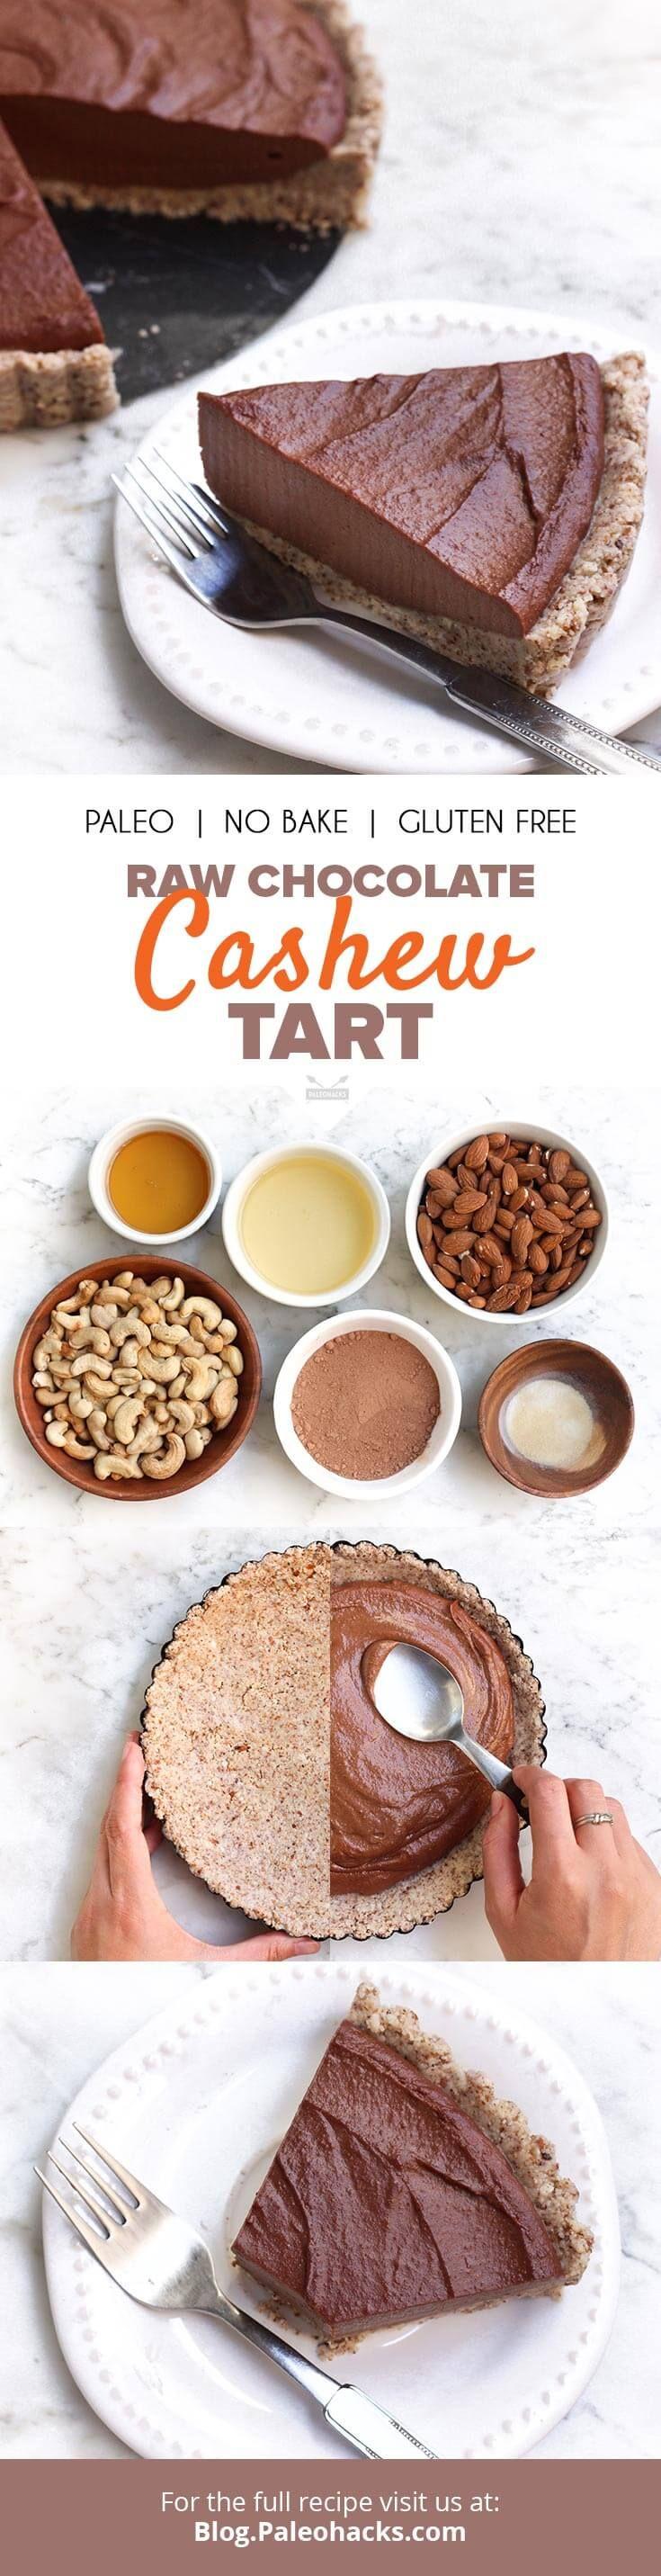 Raw Chocolate Cashew Tart #justeatrealfood #paleohacks